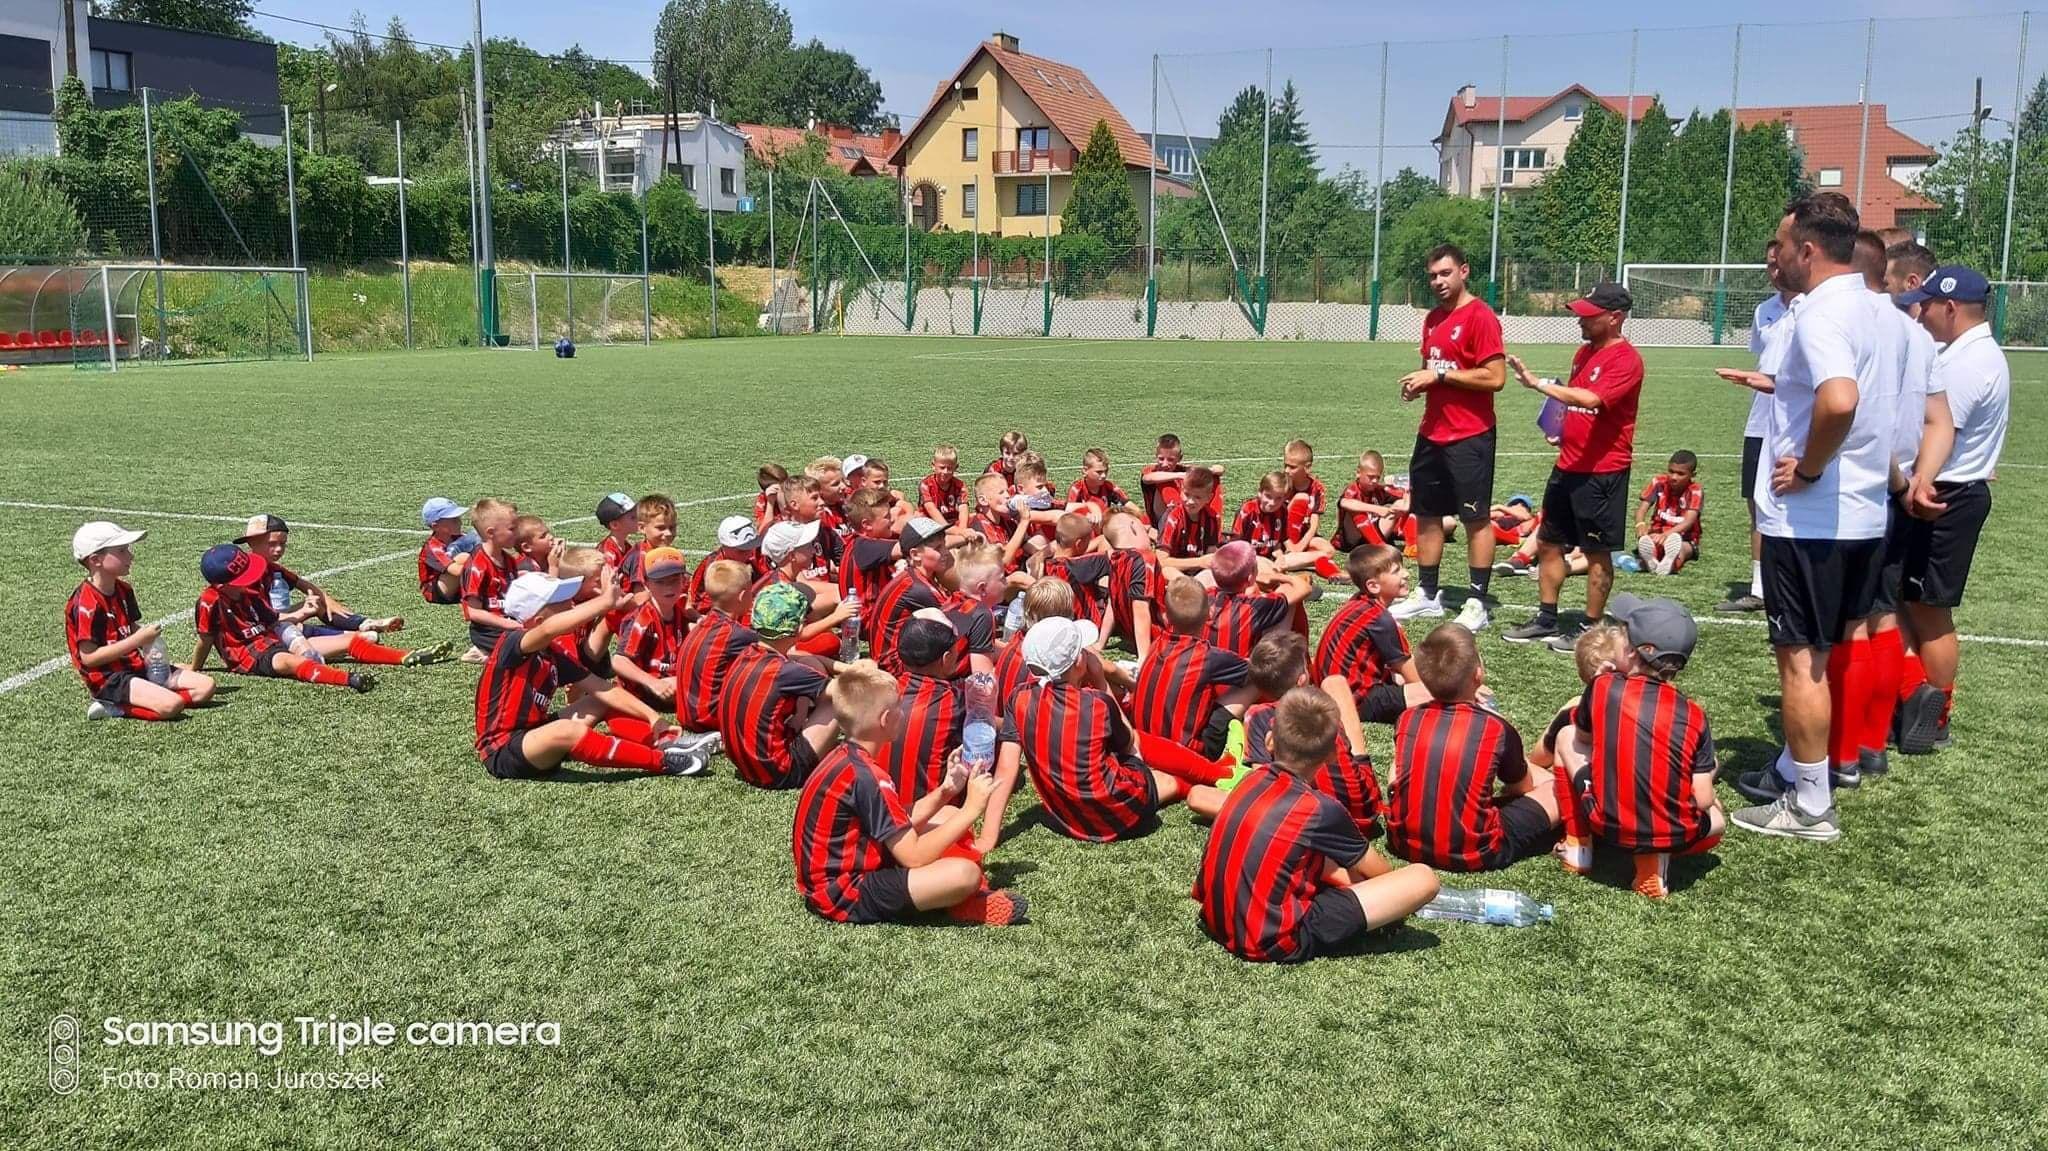 Chłopcy z Akademii Mistrzów Cracovia z Andrychowa trenują pod okiem trenerów z AC Milan